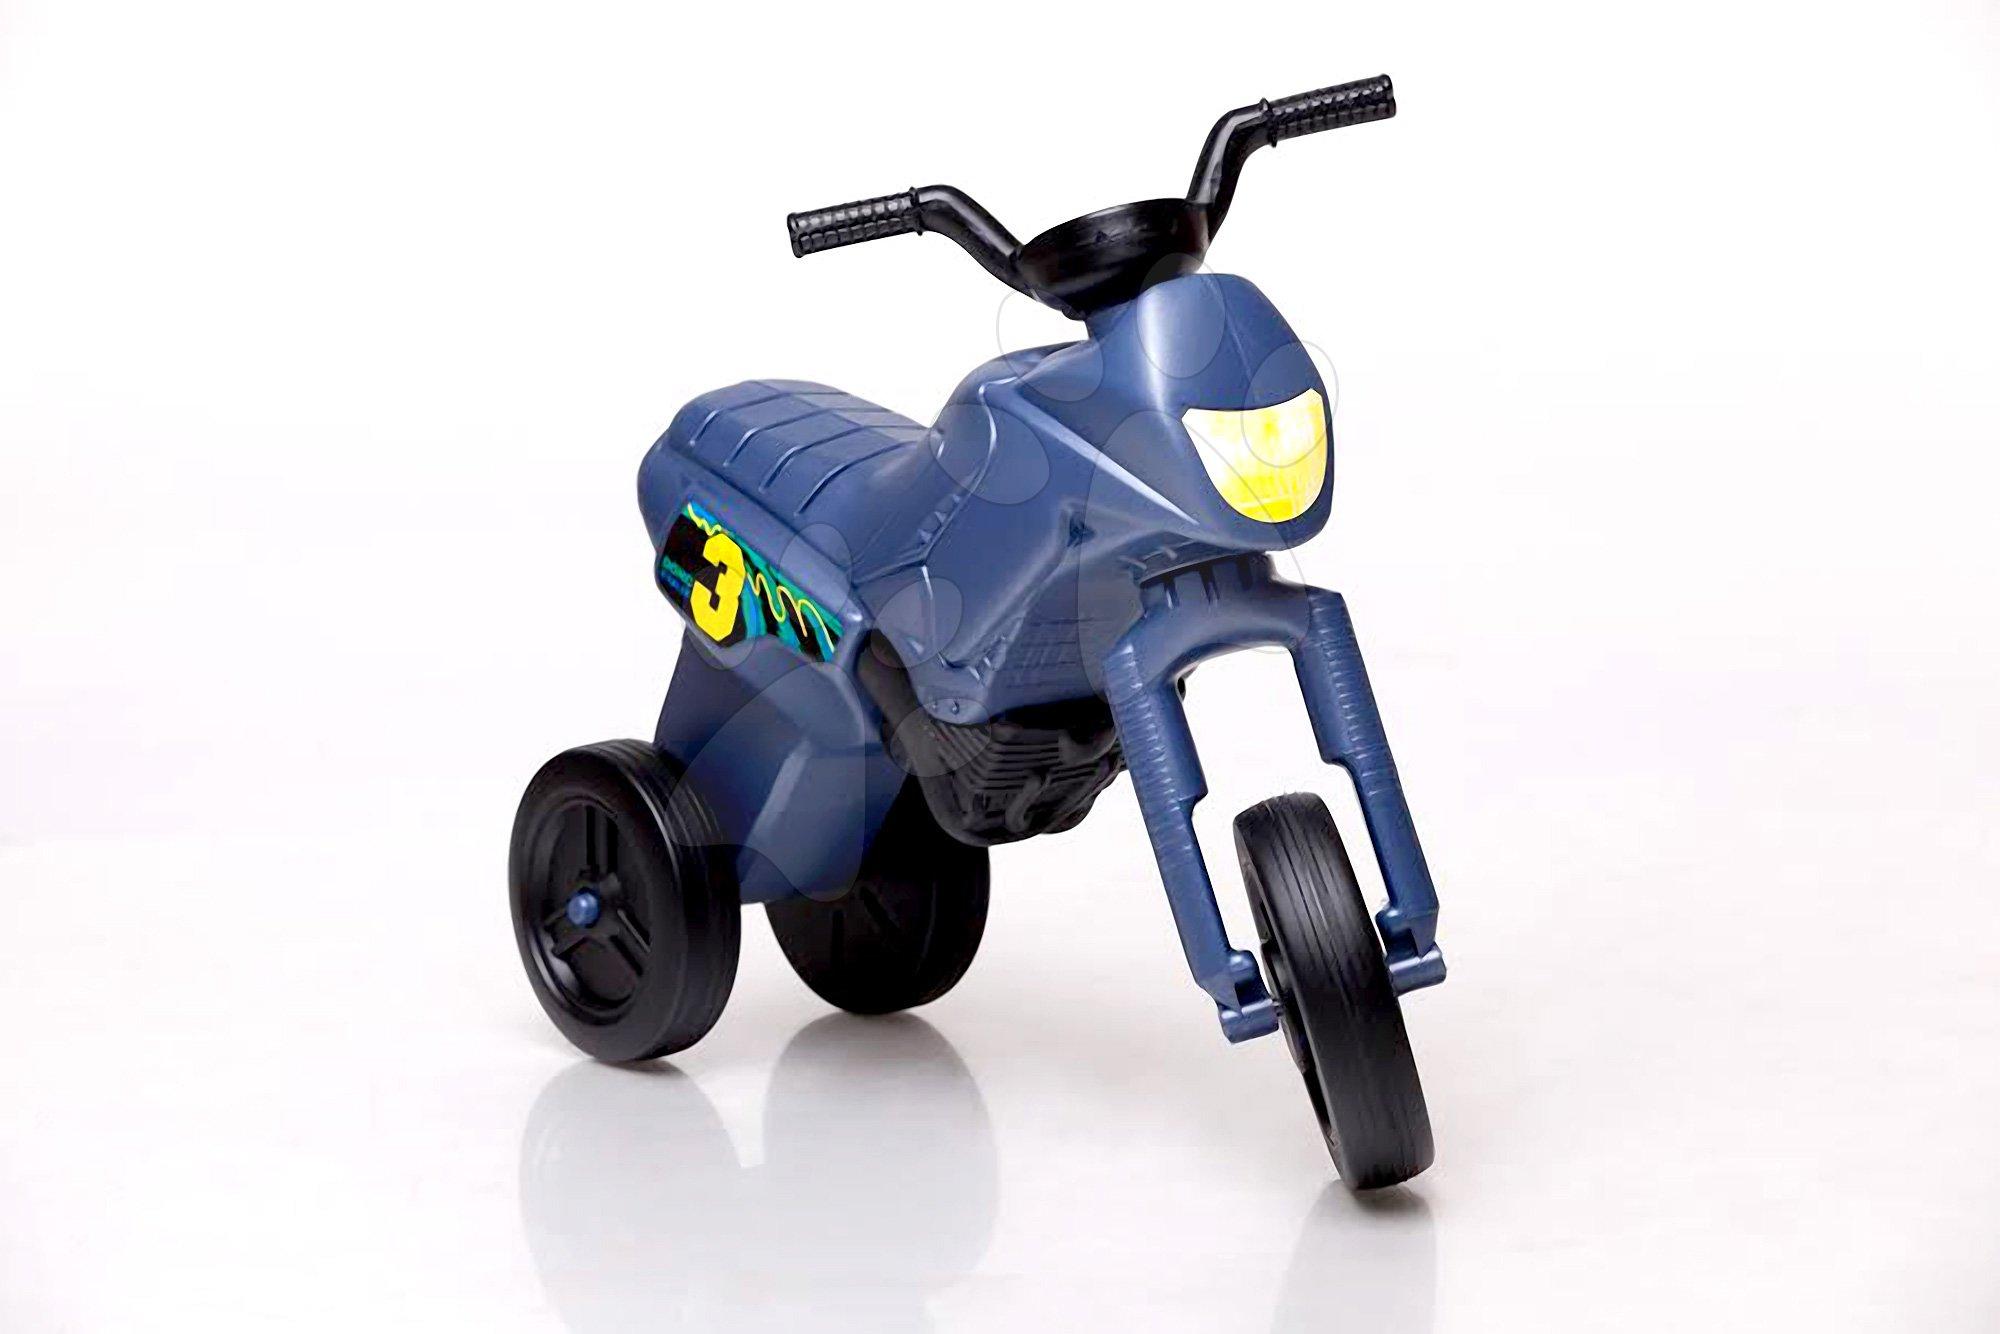 Motorky - Odrážadlo Enduro malé oceľovomodré od 18 mes